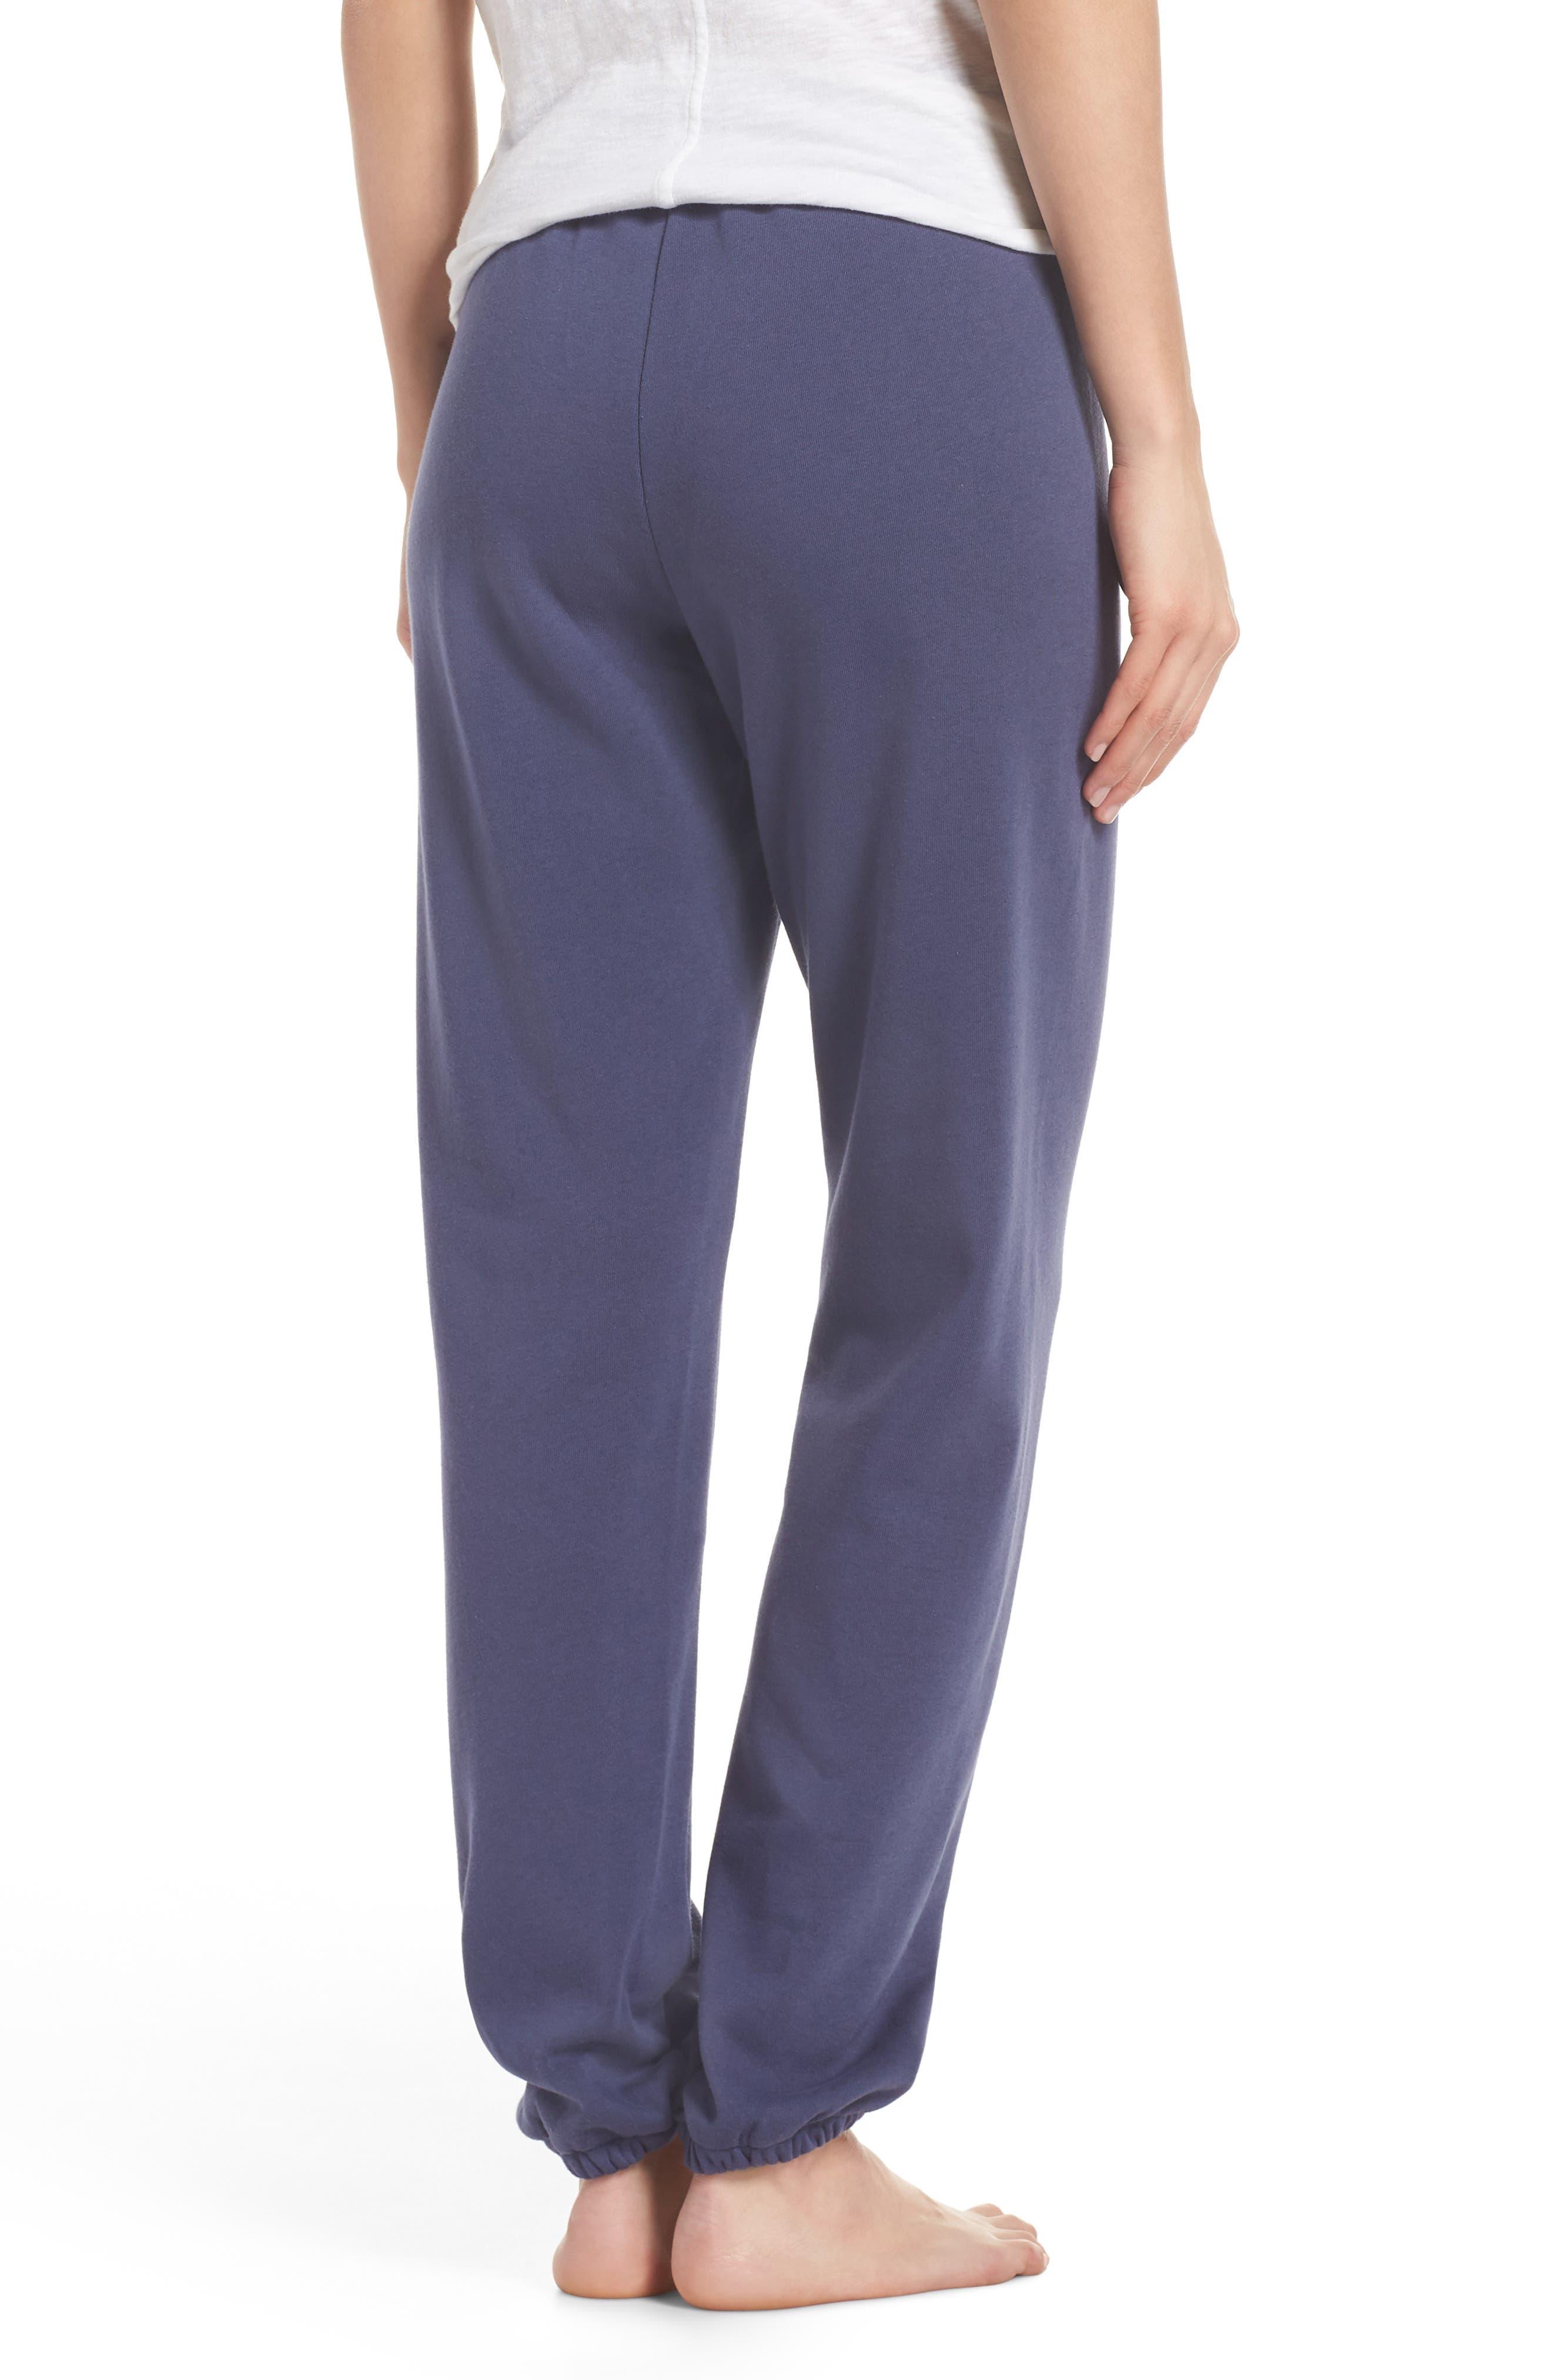 Sleepy High Rise Lounge Jogger Pants,                             Alternate thumbnail 3, color,                             Blue Indigo